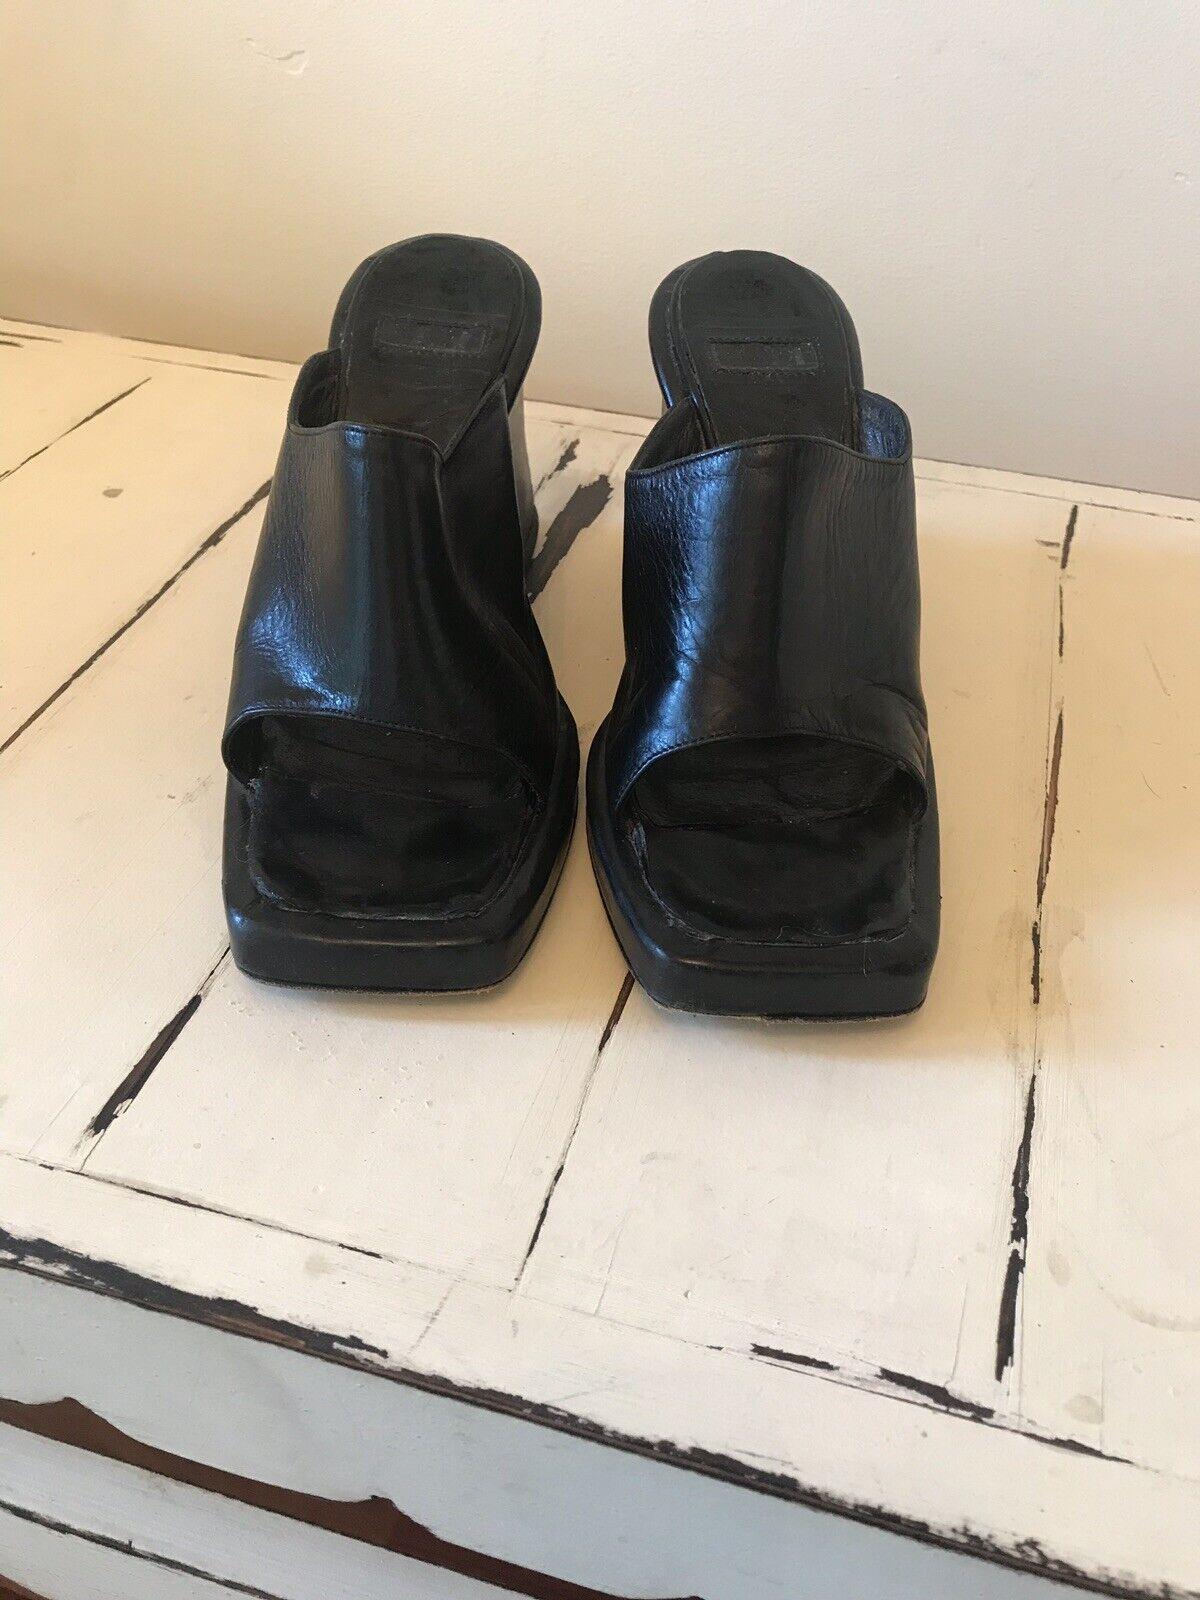 MARE noir Femme Talon Haut Compensé chaussures 6 US